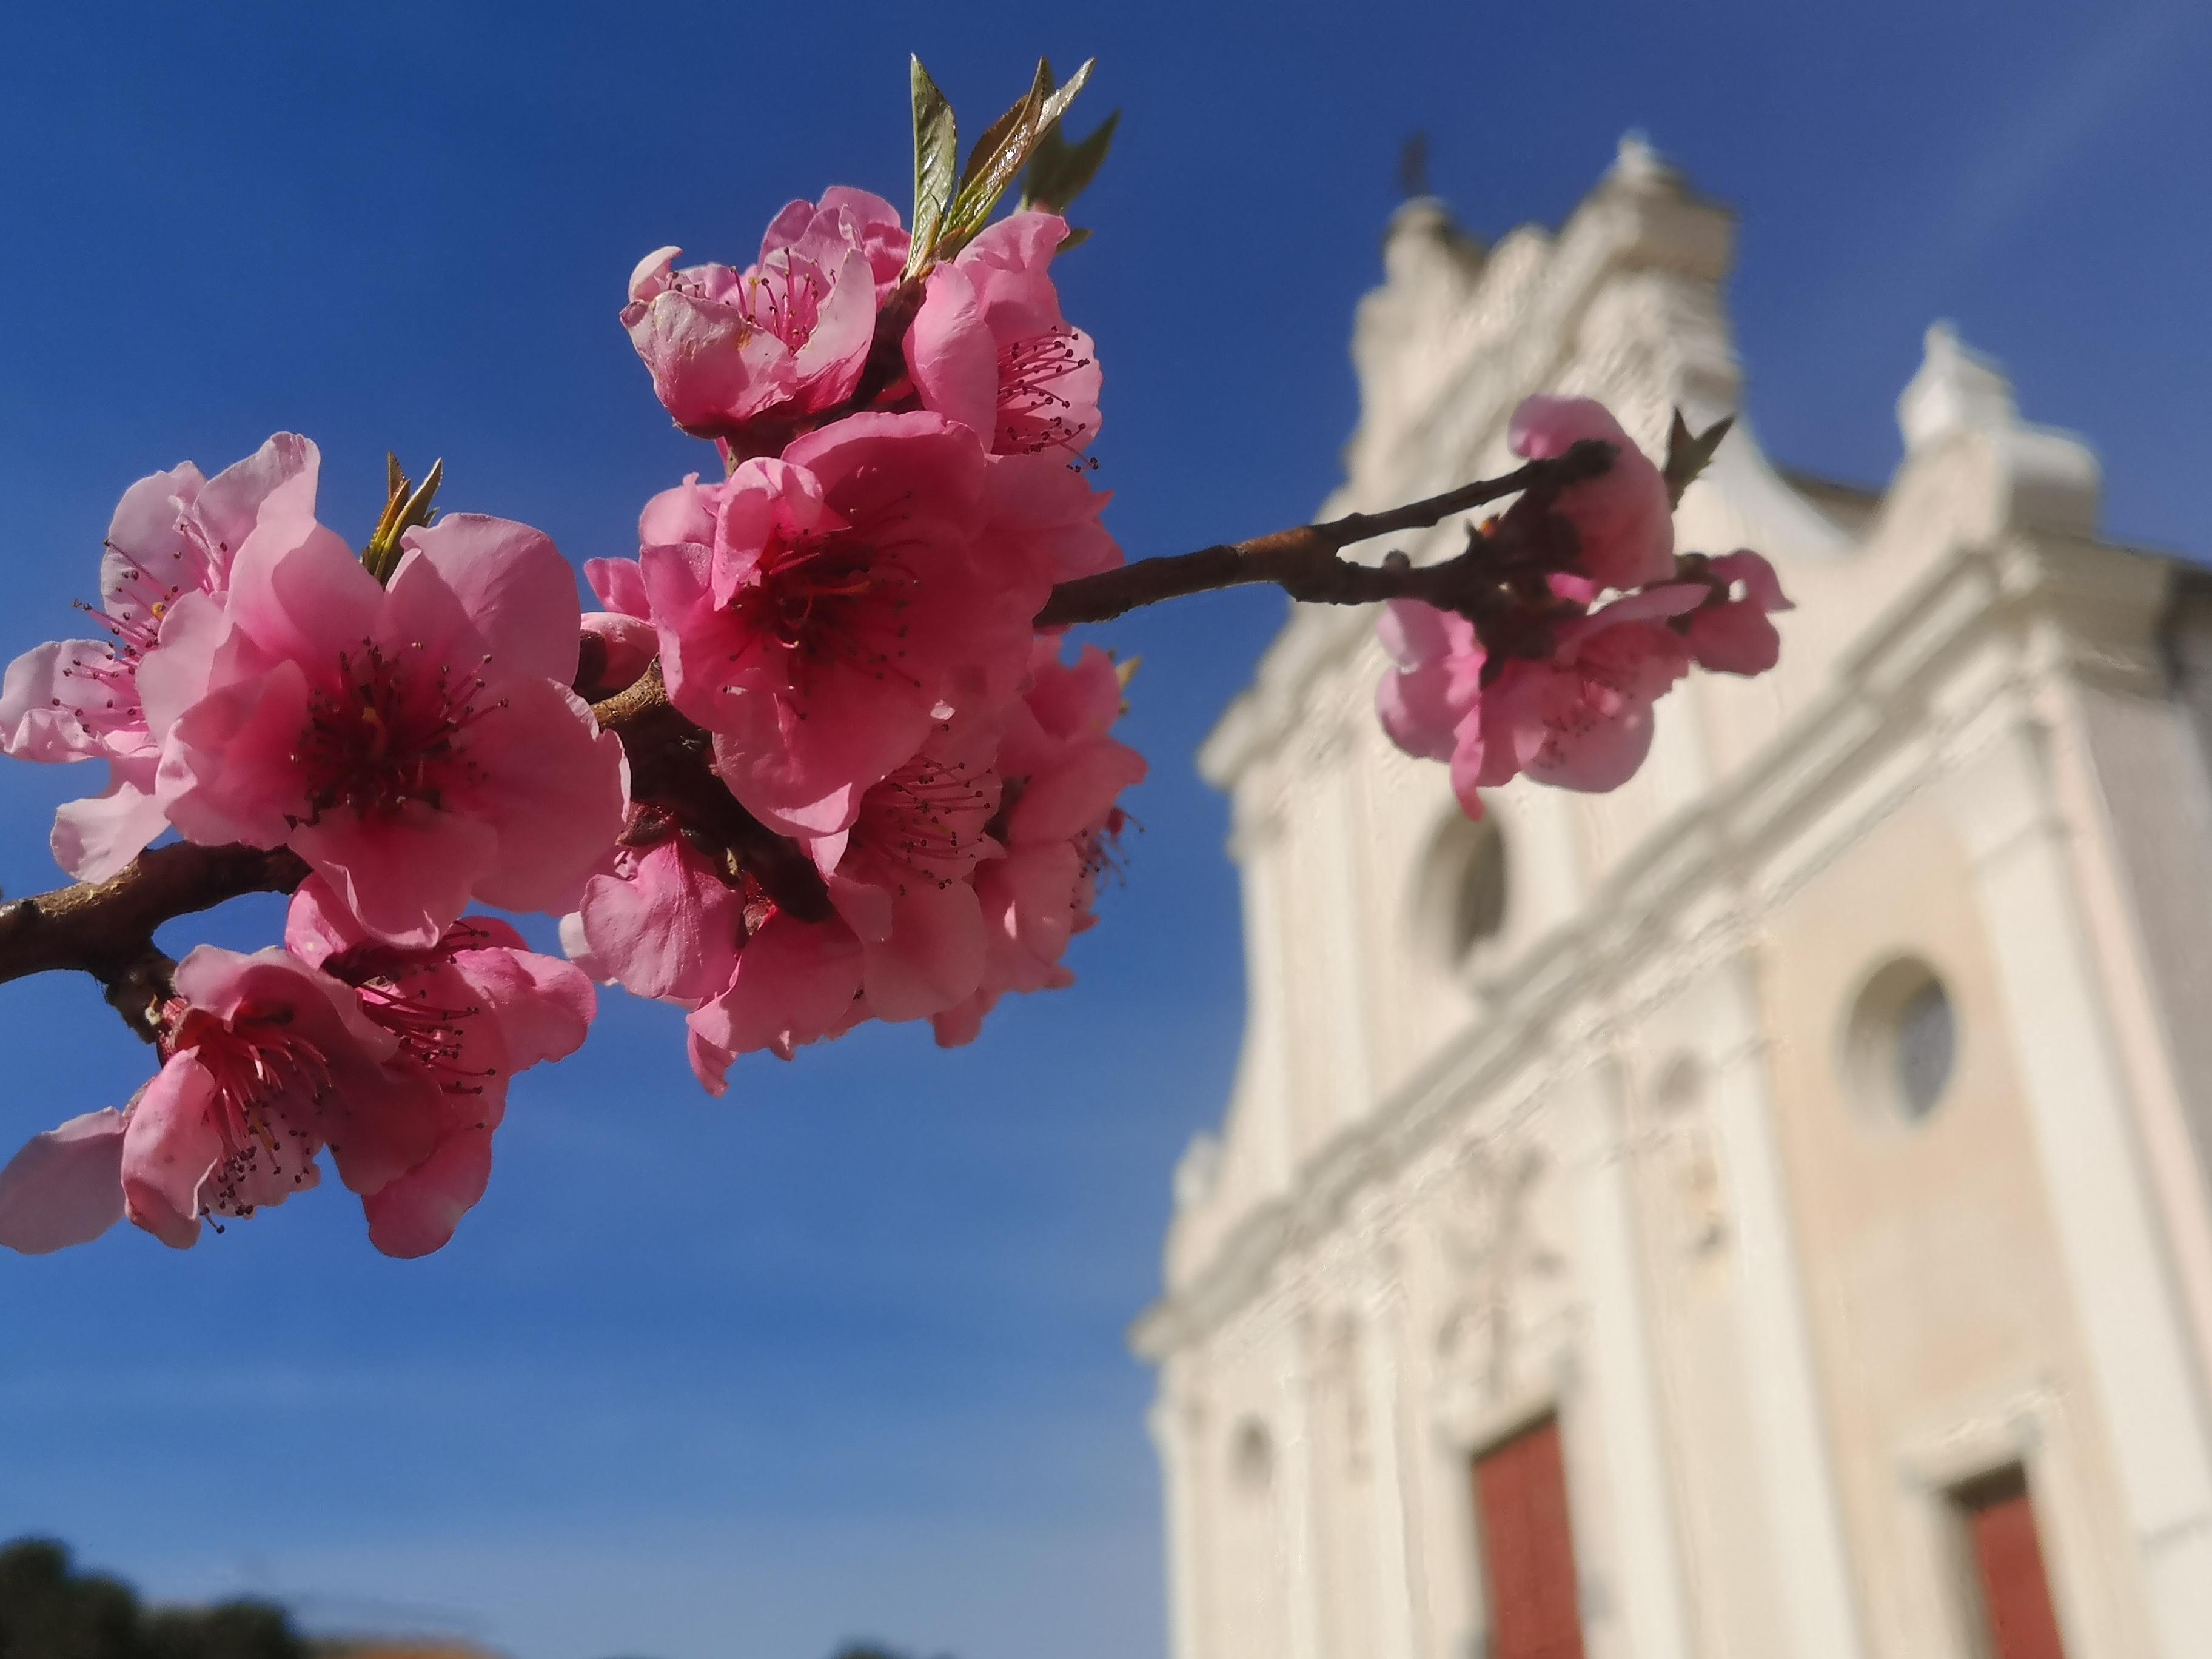 Le printemps arrive à Corbara (Stéphanie Ingram)